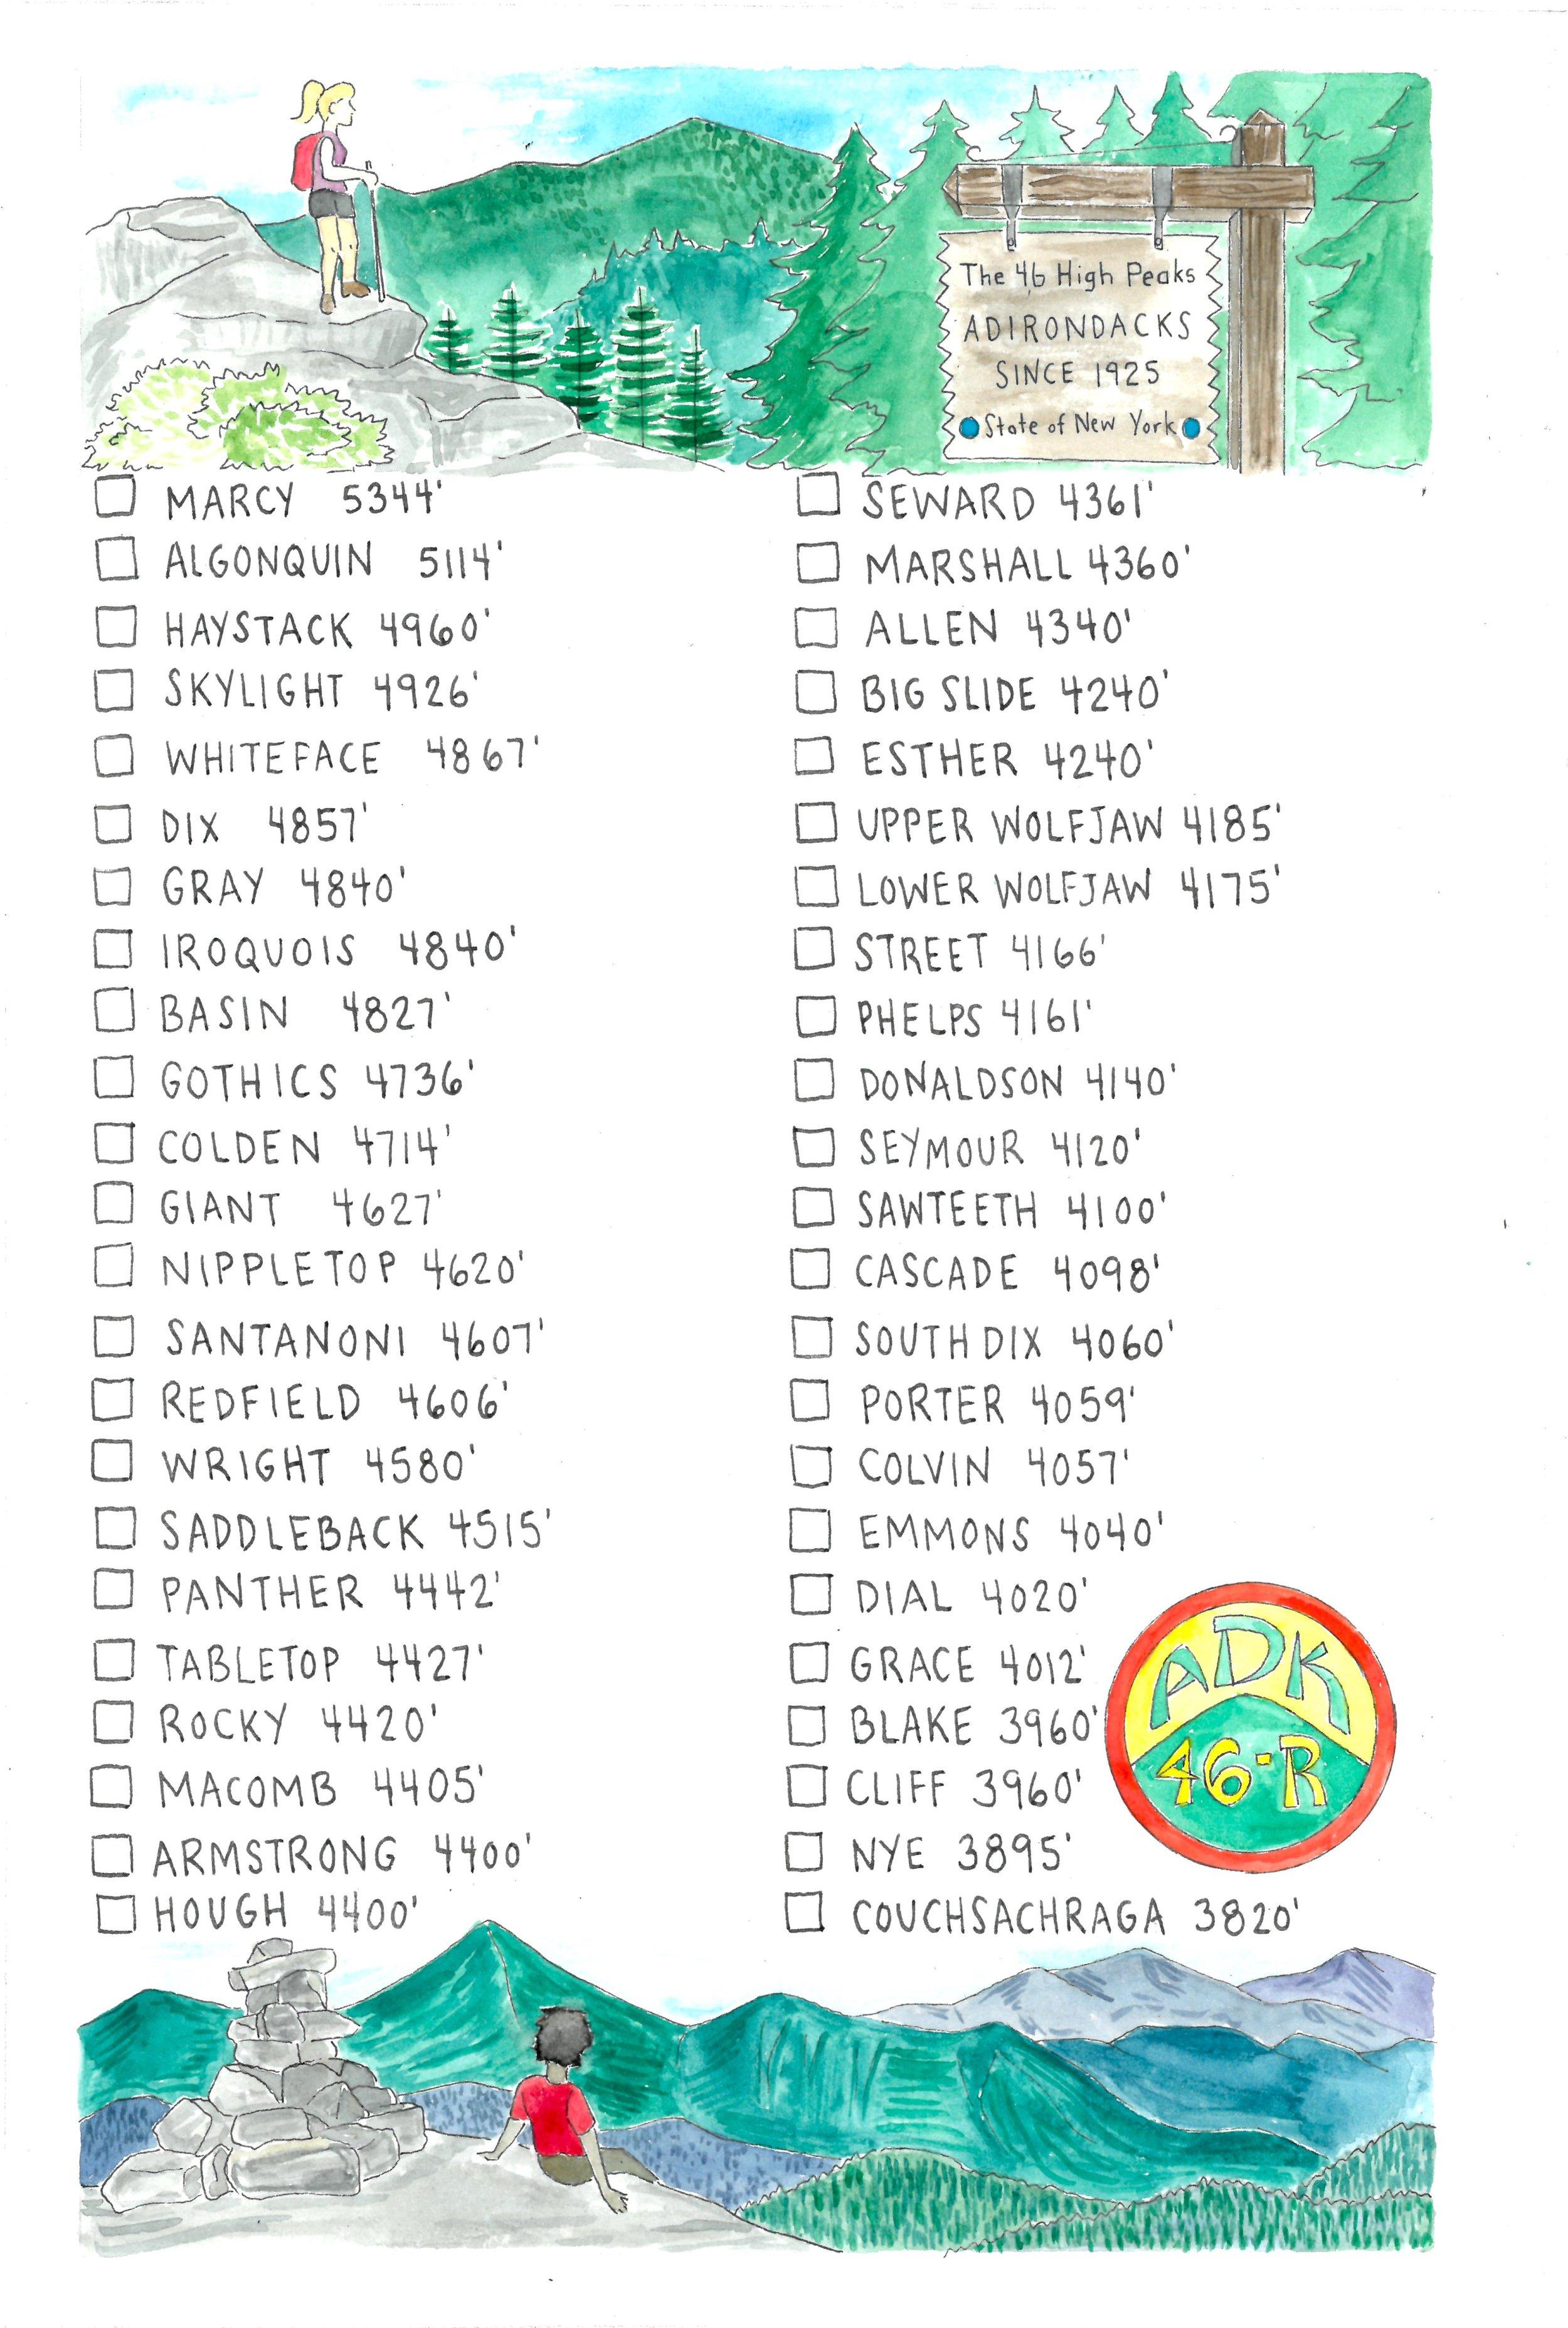 New 46er Checklist.jpg